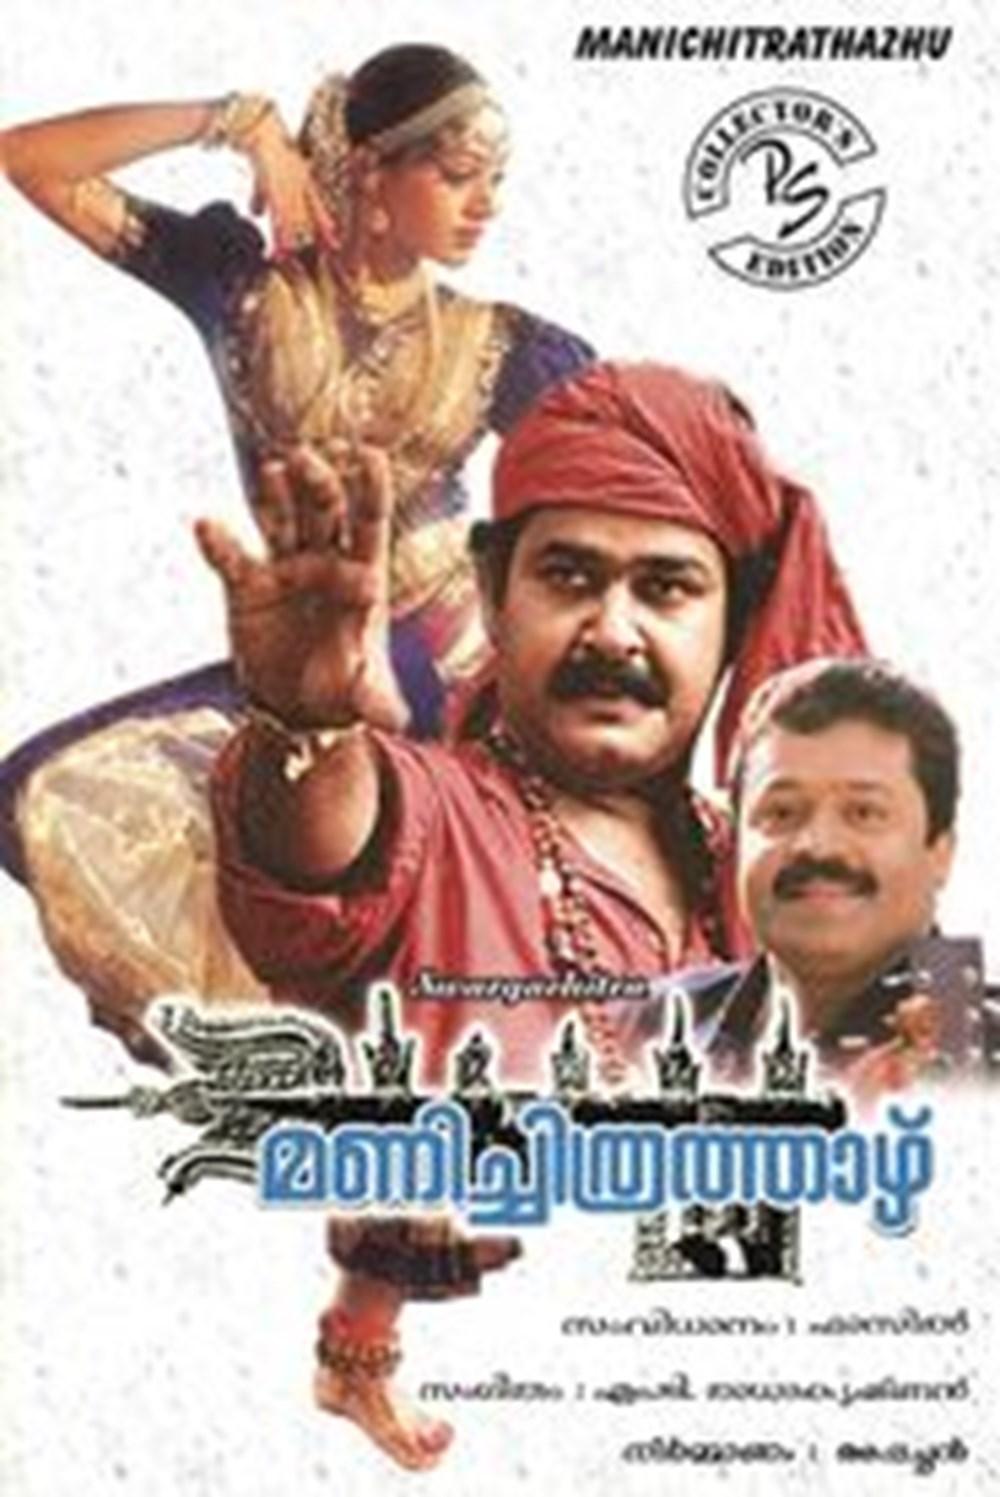 En iyi Hint filmleri - IMDb verileri (Bollywood sineması) - 43